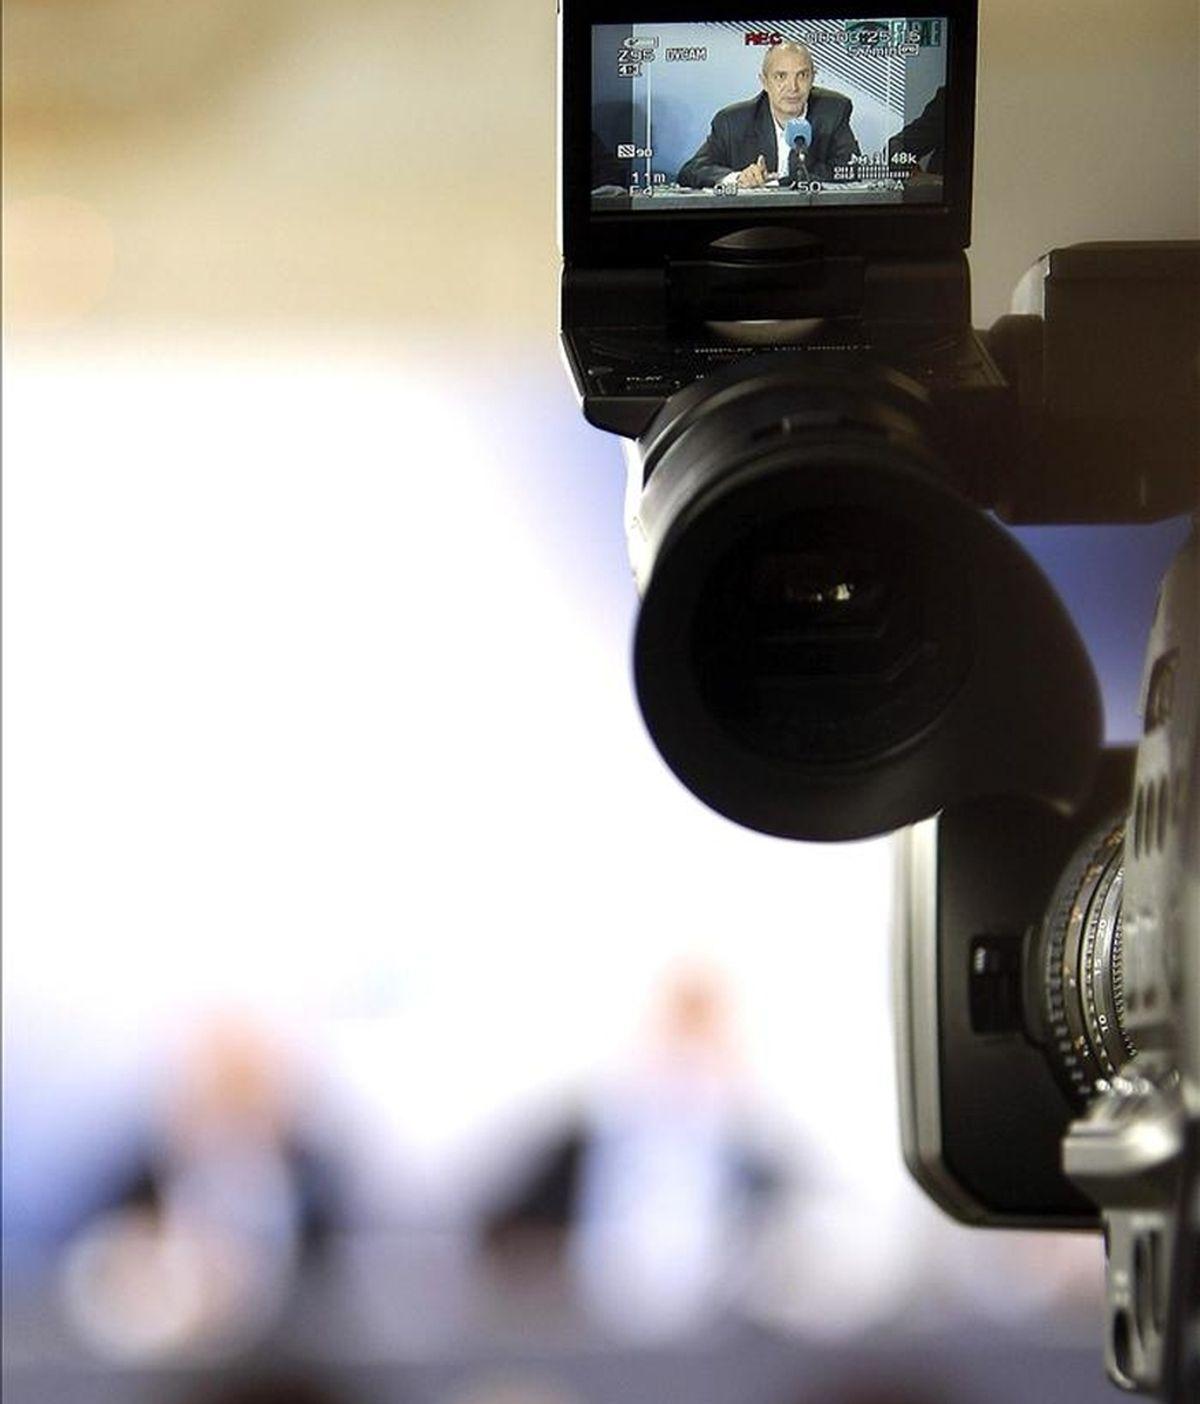 """El cortometraje """"Porque hay cosas que nunca se olvidan"""", del director español nacido en Buenos Aires Lucas Figueroa, ha entrado en el libro Guinness de los récords como el más premiado de la historia, al recibir casi 300 premios en distintos festivales. EFE/Archivo"""